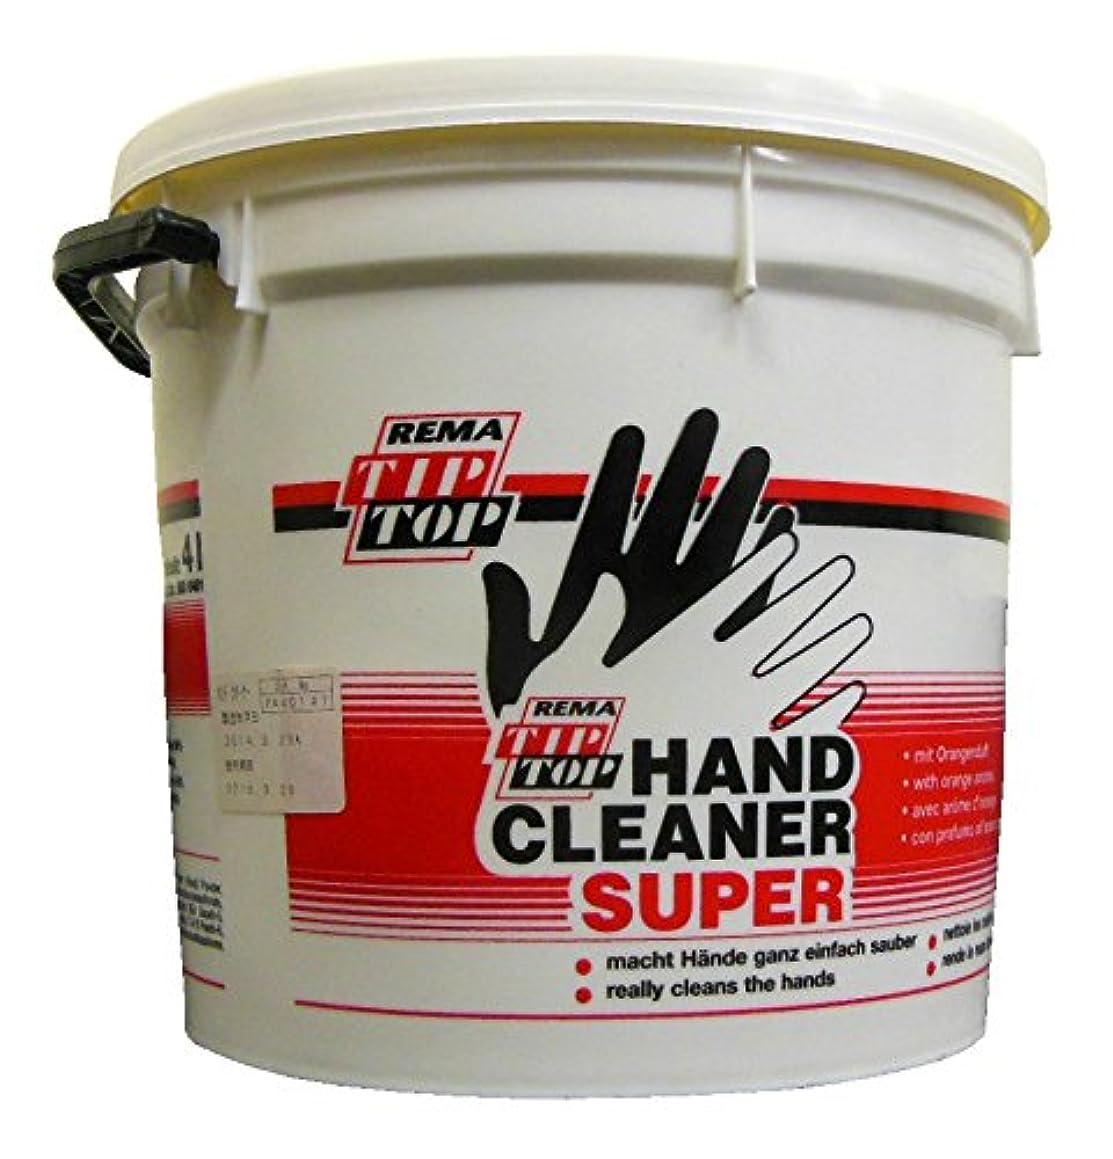 承認するとげ遮るTIPTOP(チップトップ) ハンドクリーナー HAND CLEANER SUPER 4L H-052